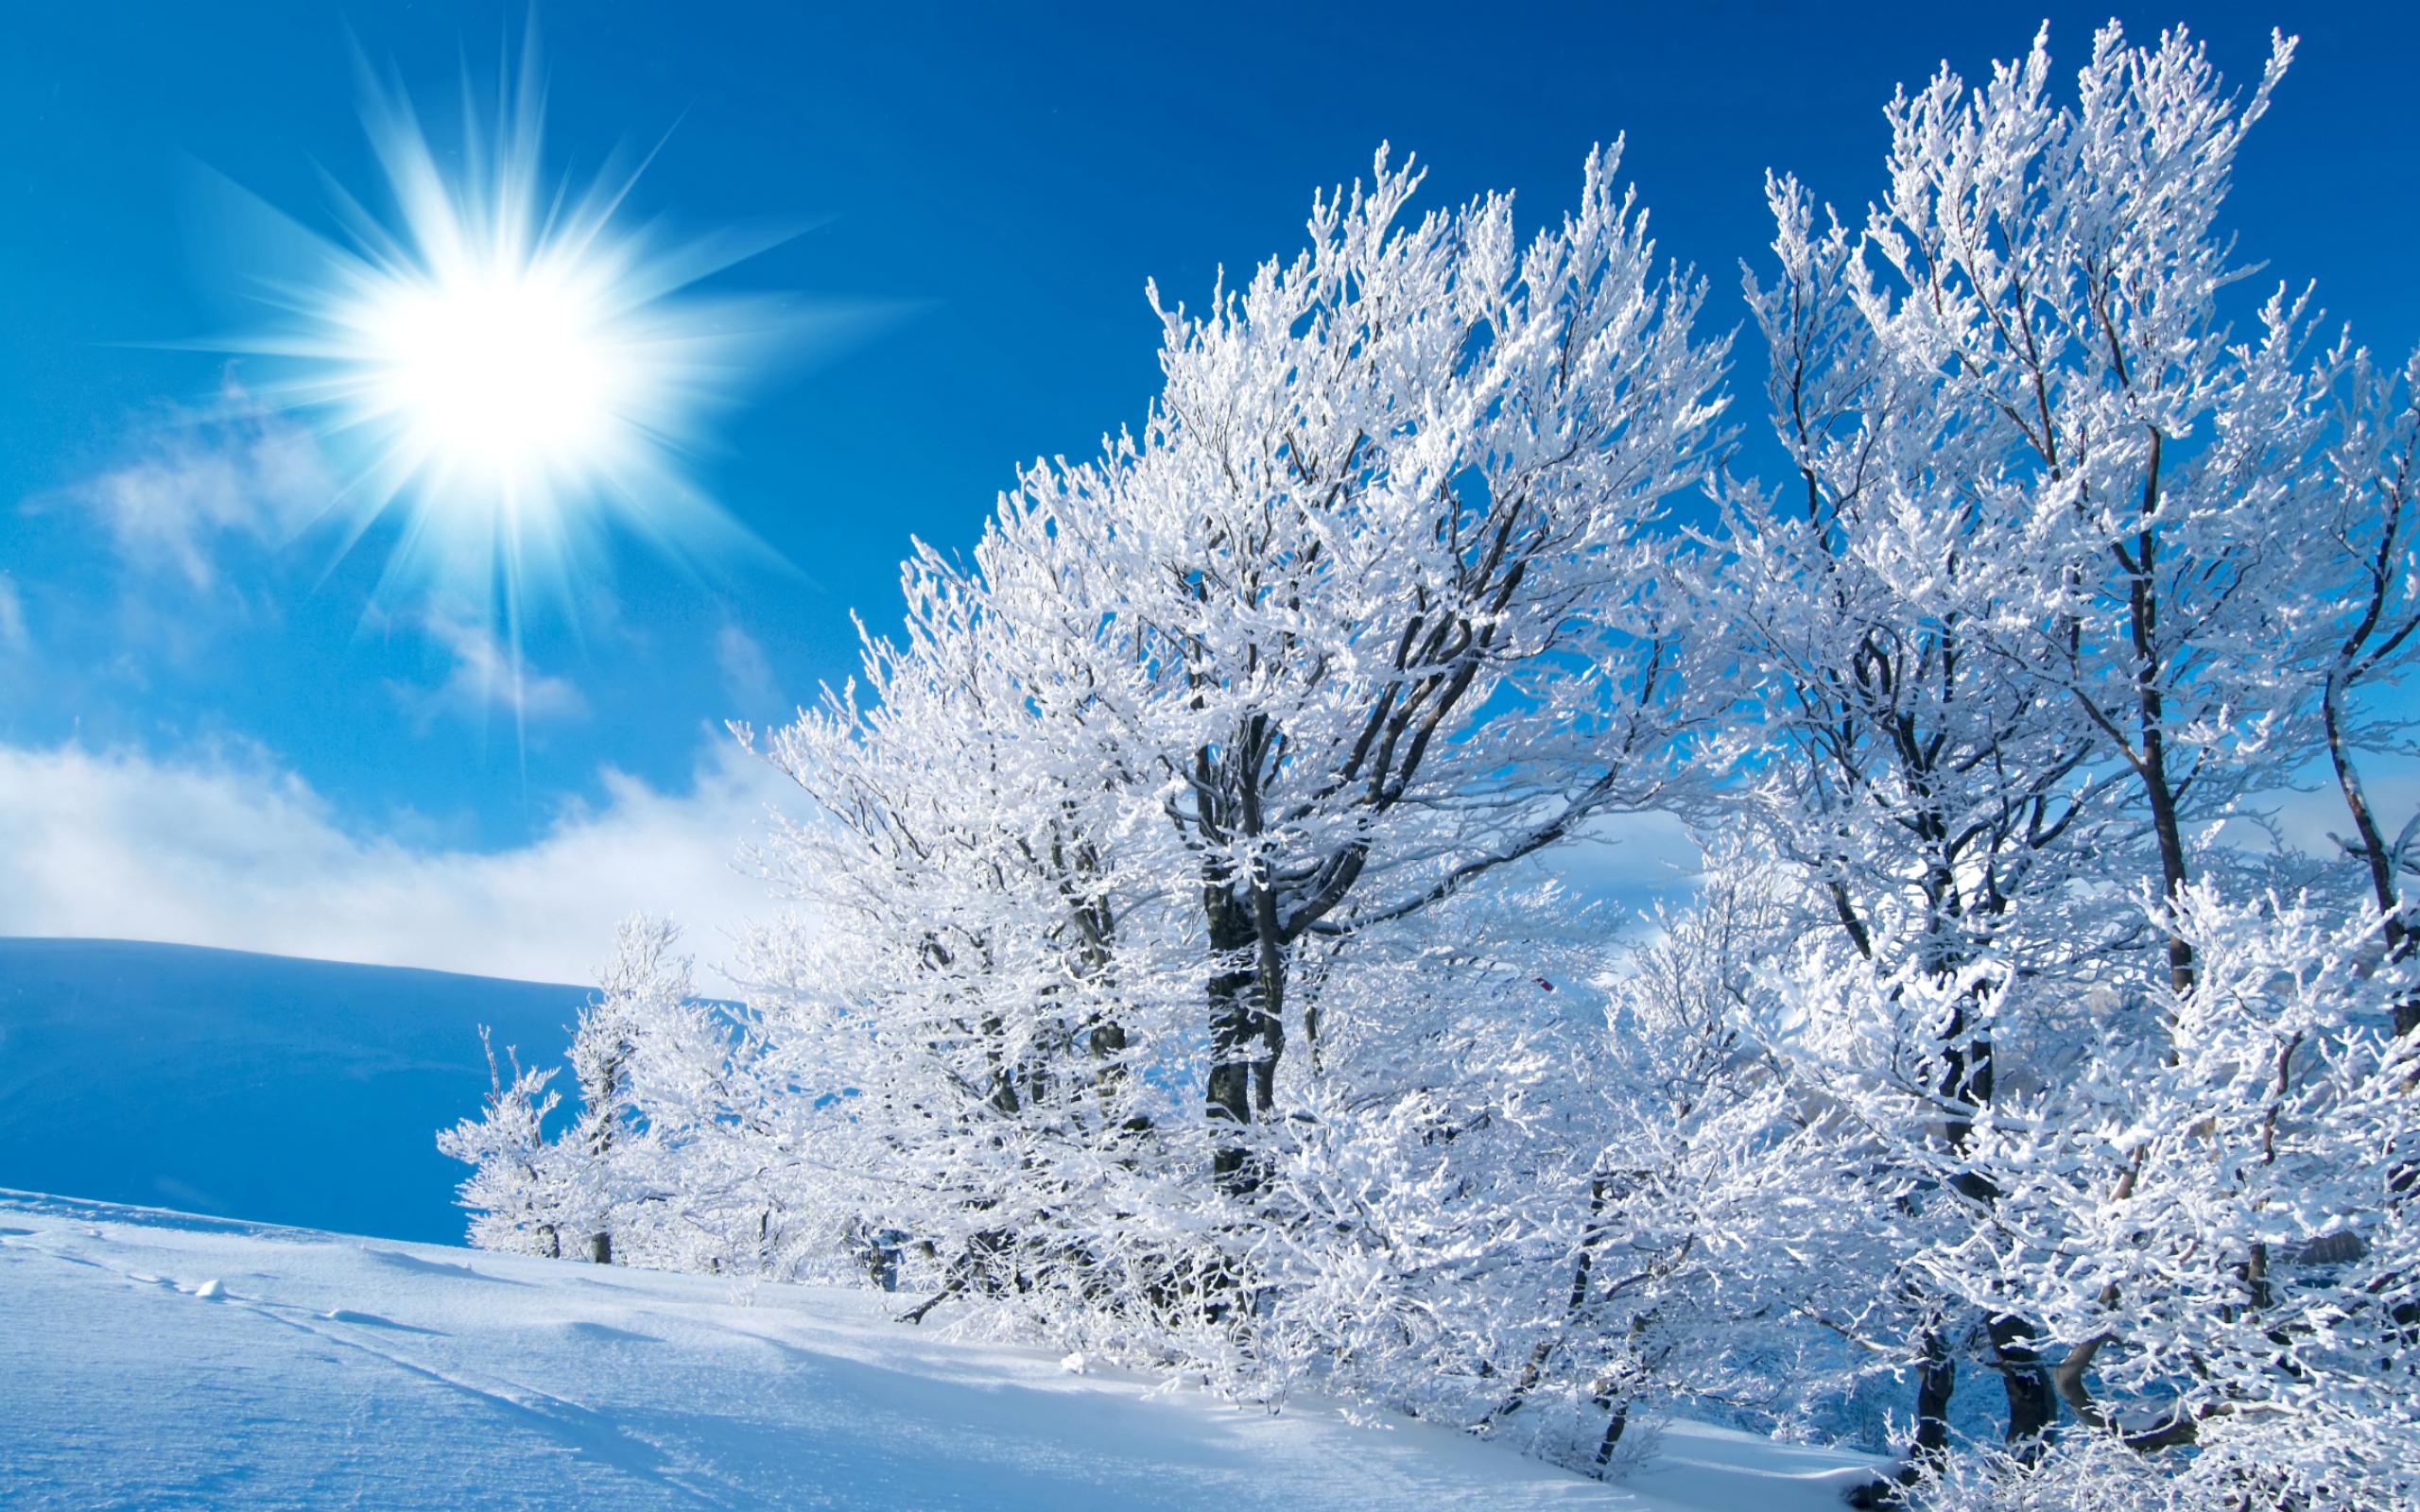 настоящее время яркие картинки зима чем разница между